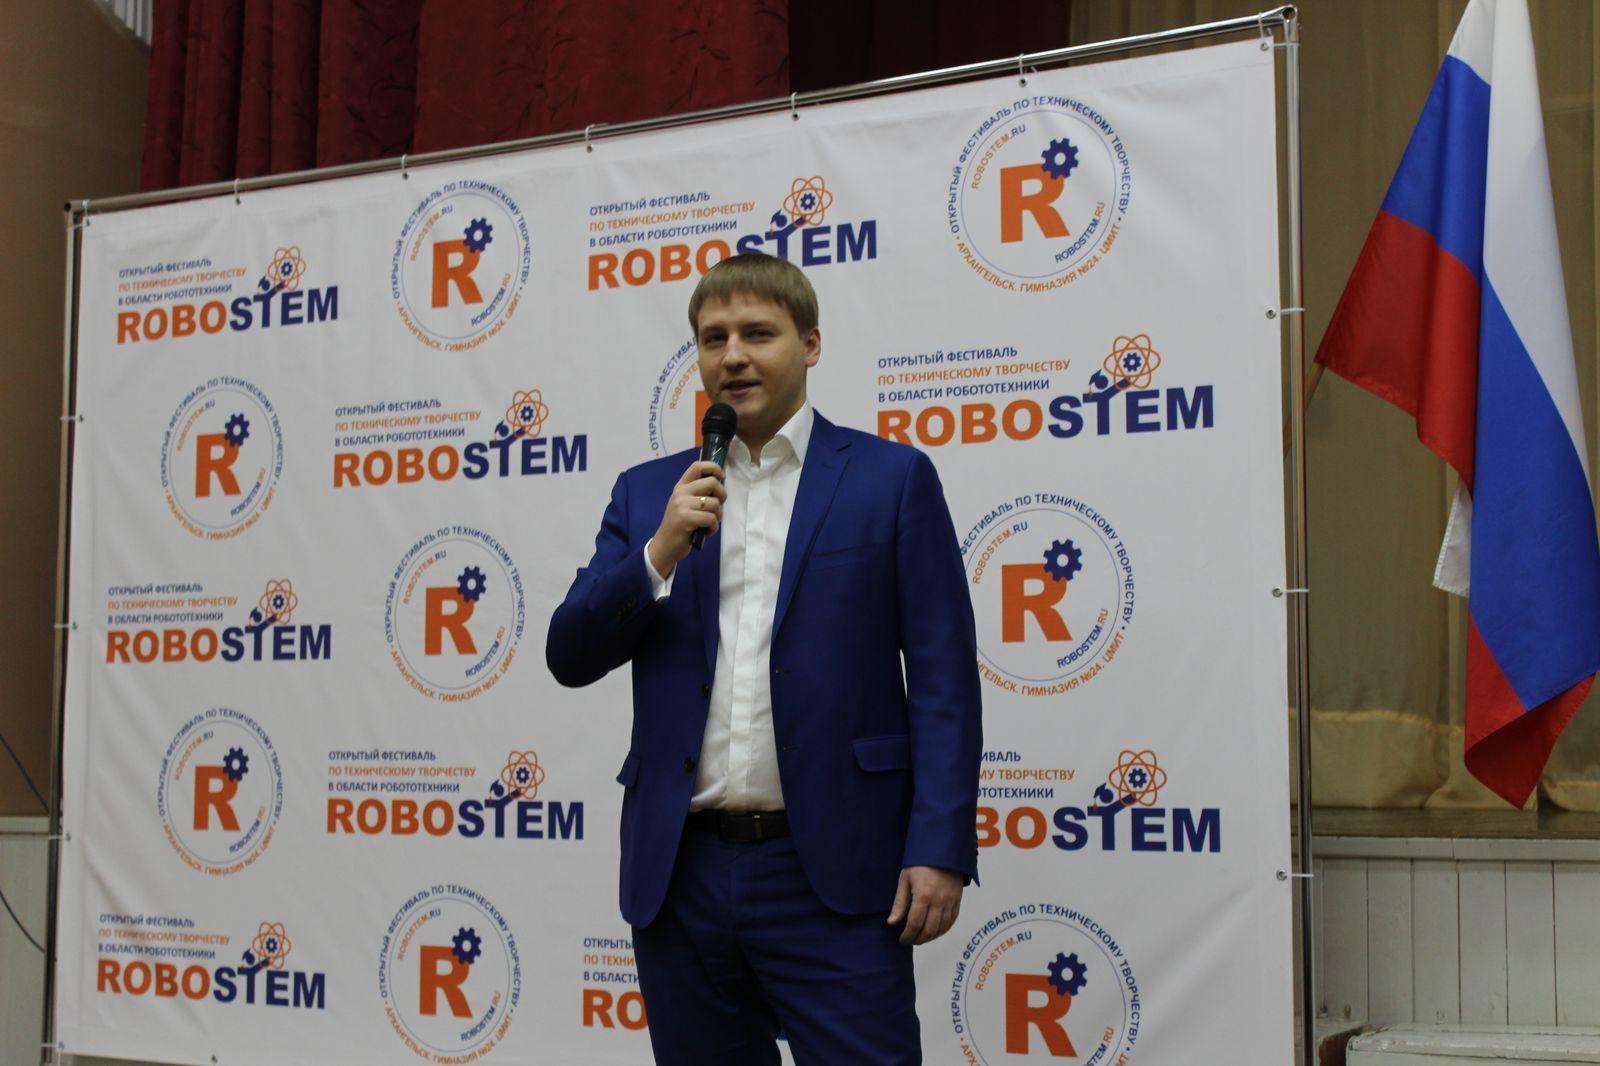 Участников фестиваля приветствует министр экономического развития Архангельской области С.А.Вуйменков